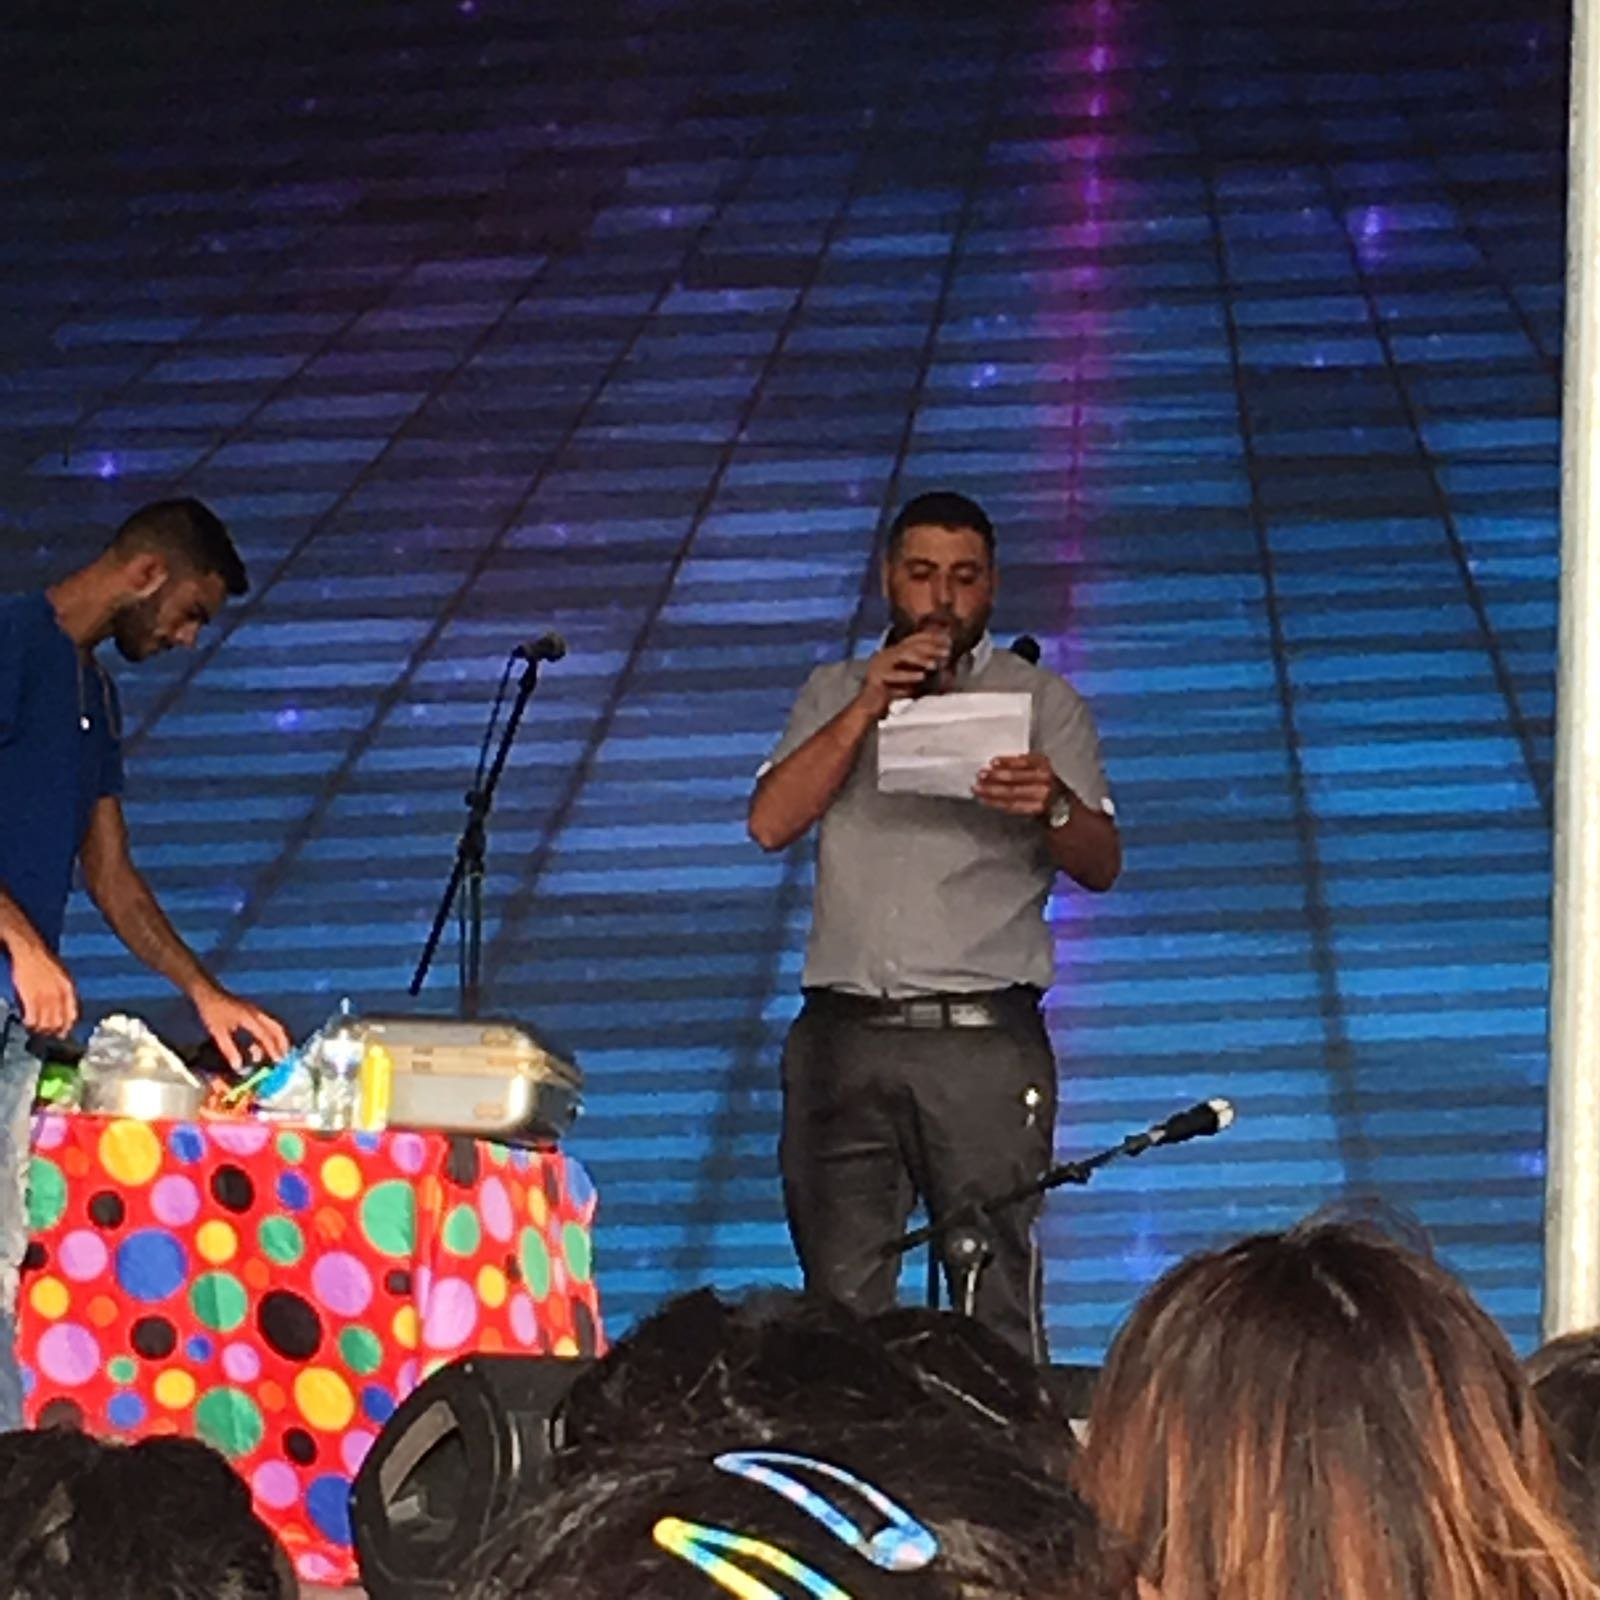 اختتام الليلة الأولى من مهرجان بستان المرج الثقافي بتميّز الفنان هيثم خلايلة ومشاركة المئات في نين